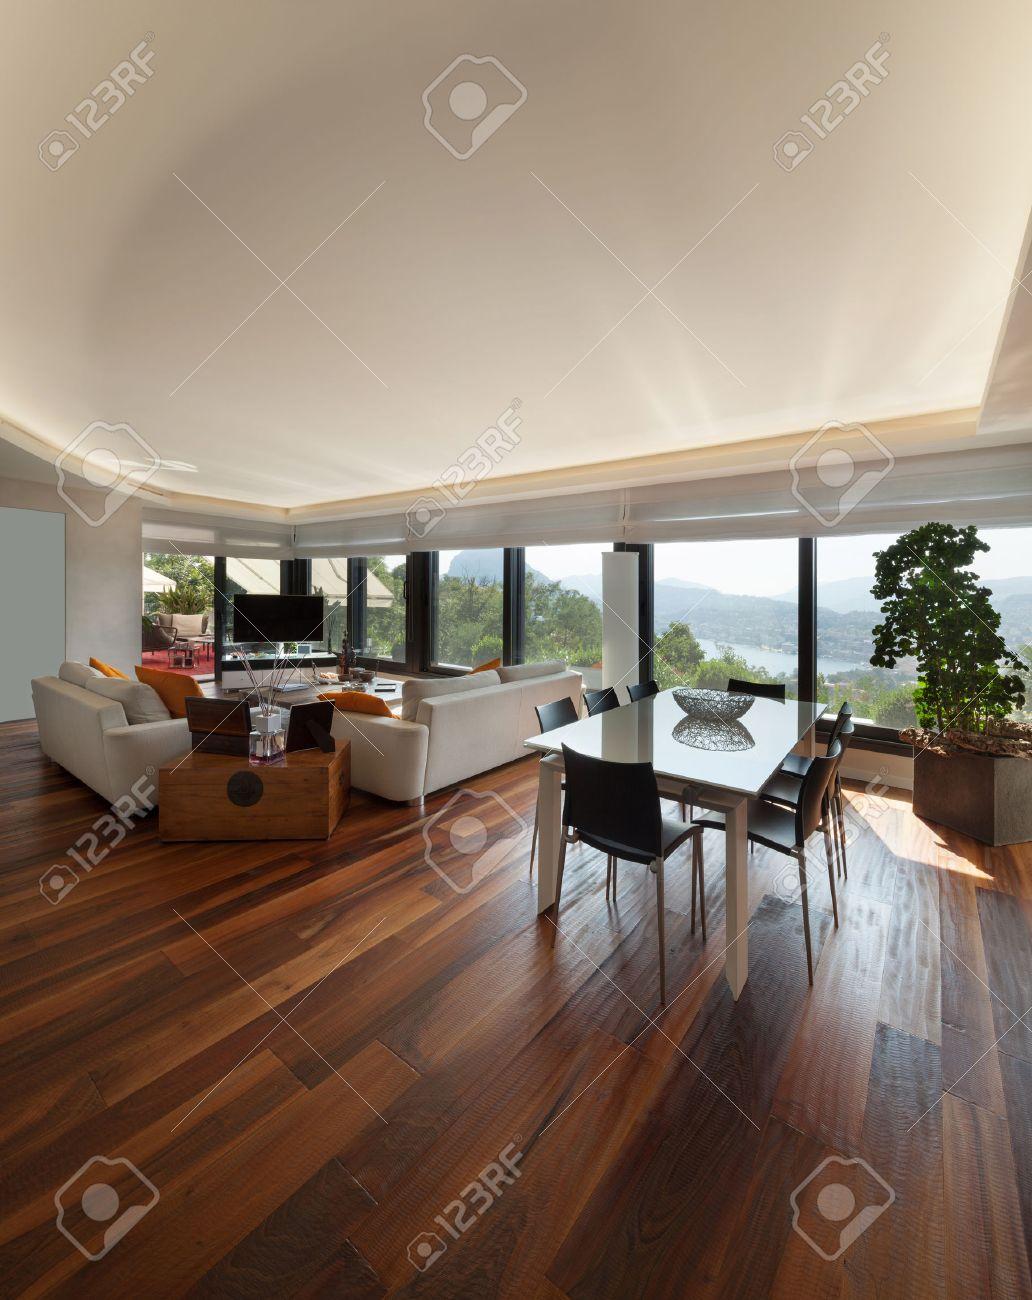 Gli interni, ampio salotto moderno di un appartamento di lusso Archivio Fotografico - 47441615